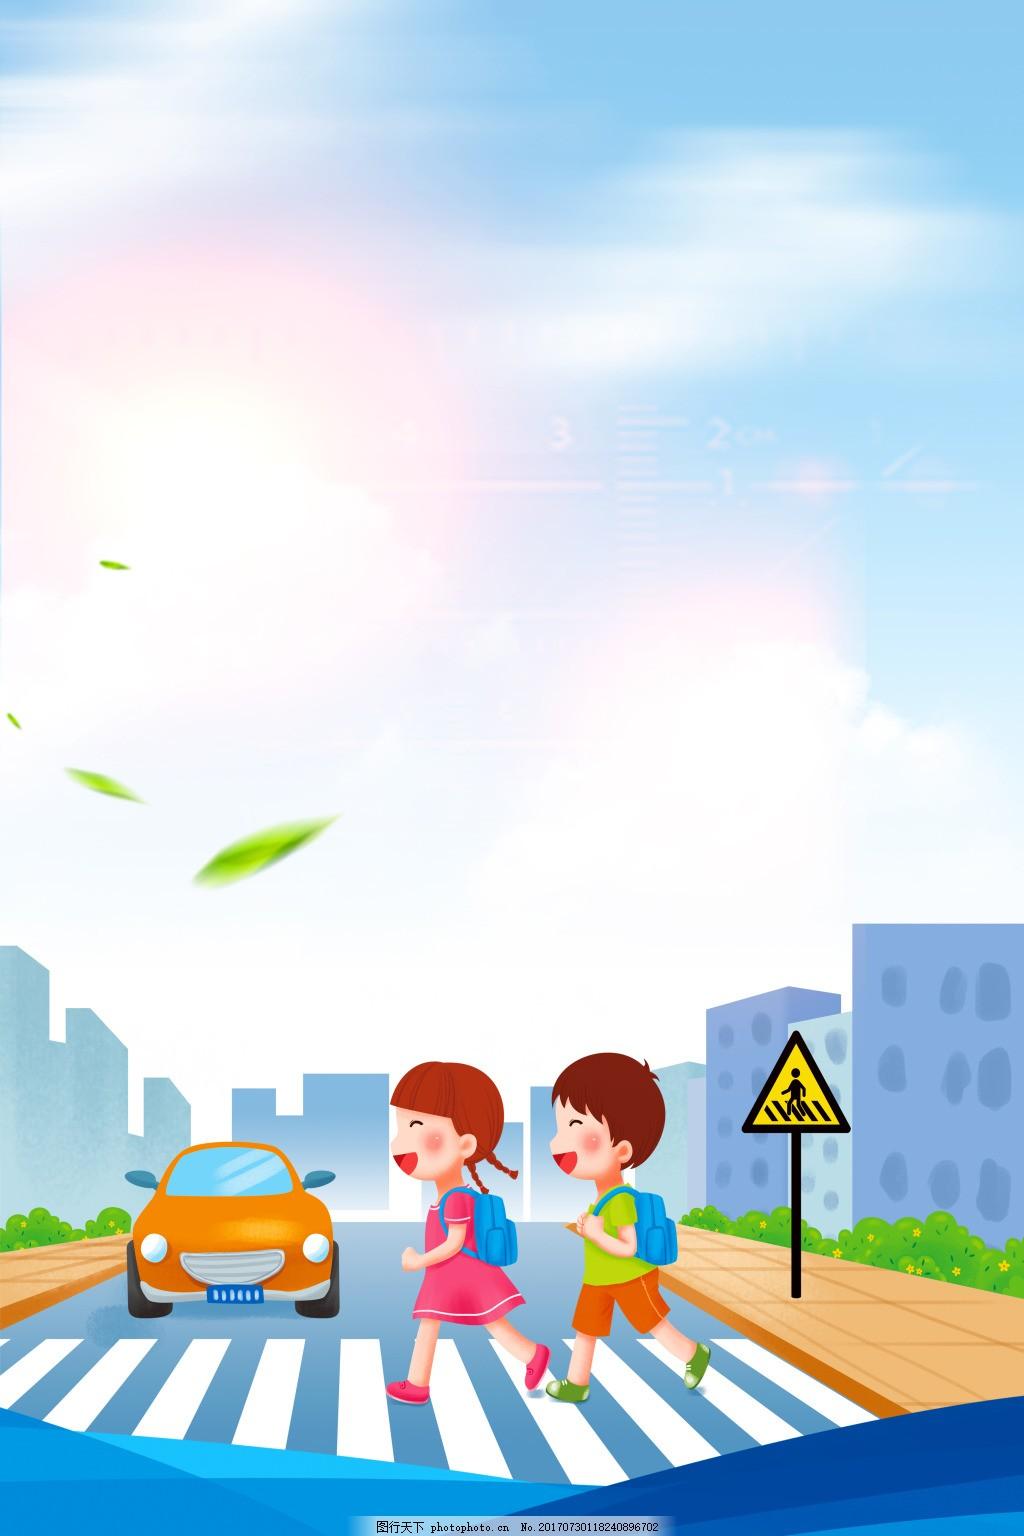 安全行驶过马路背景 卡通 儿童上学 红绿灯 小清新